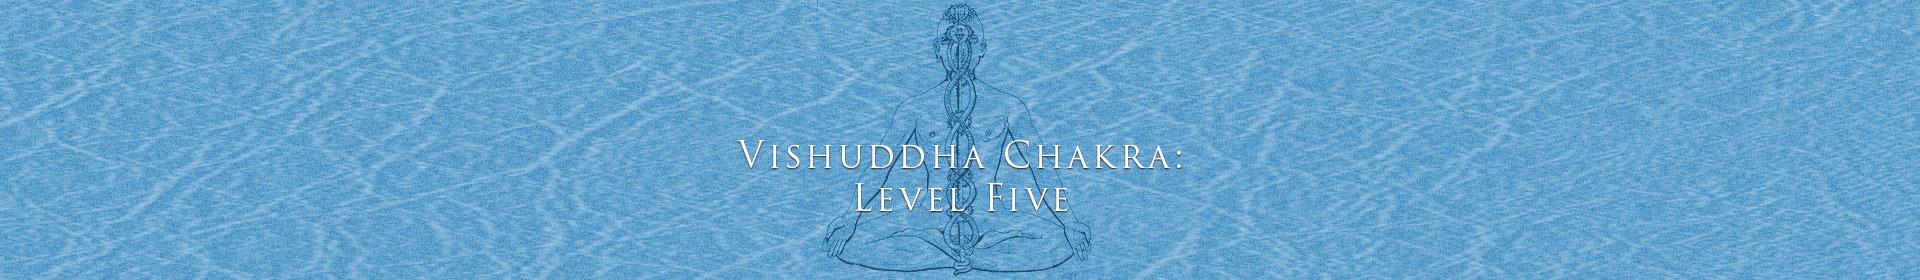 Vishuddha Chakra: Level Five